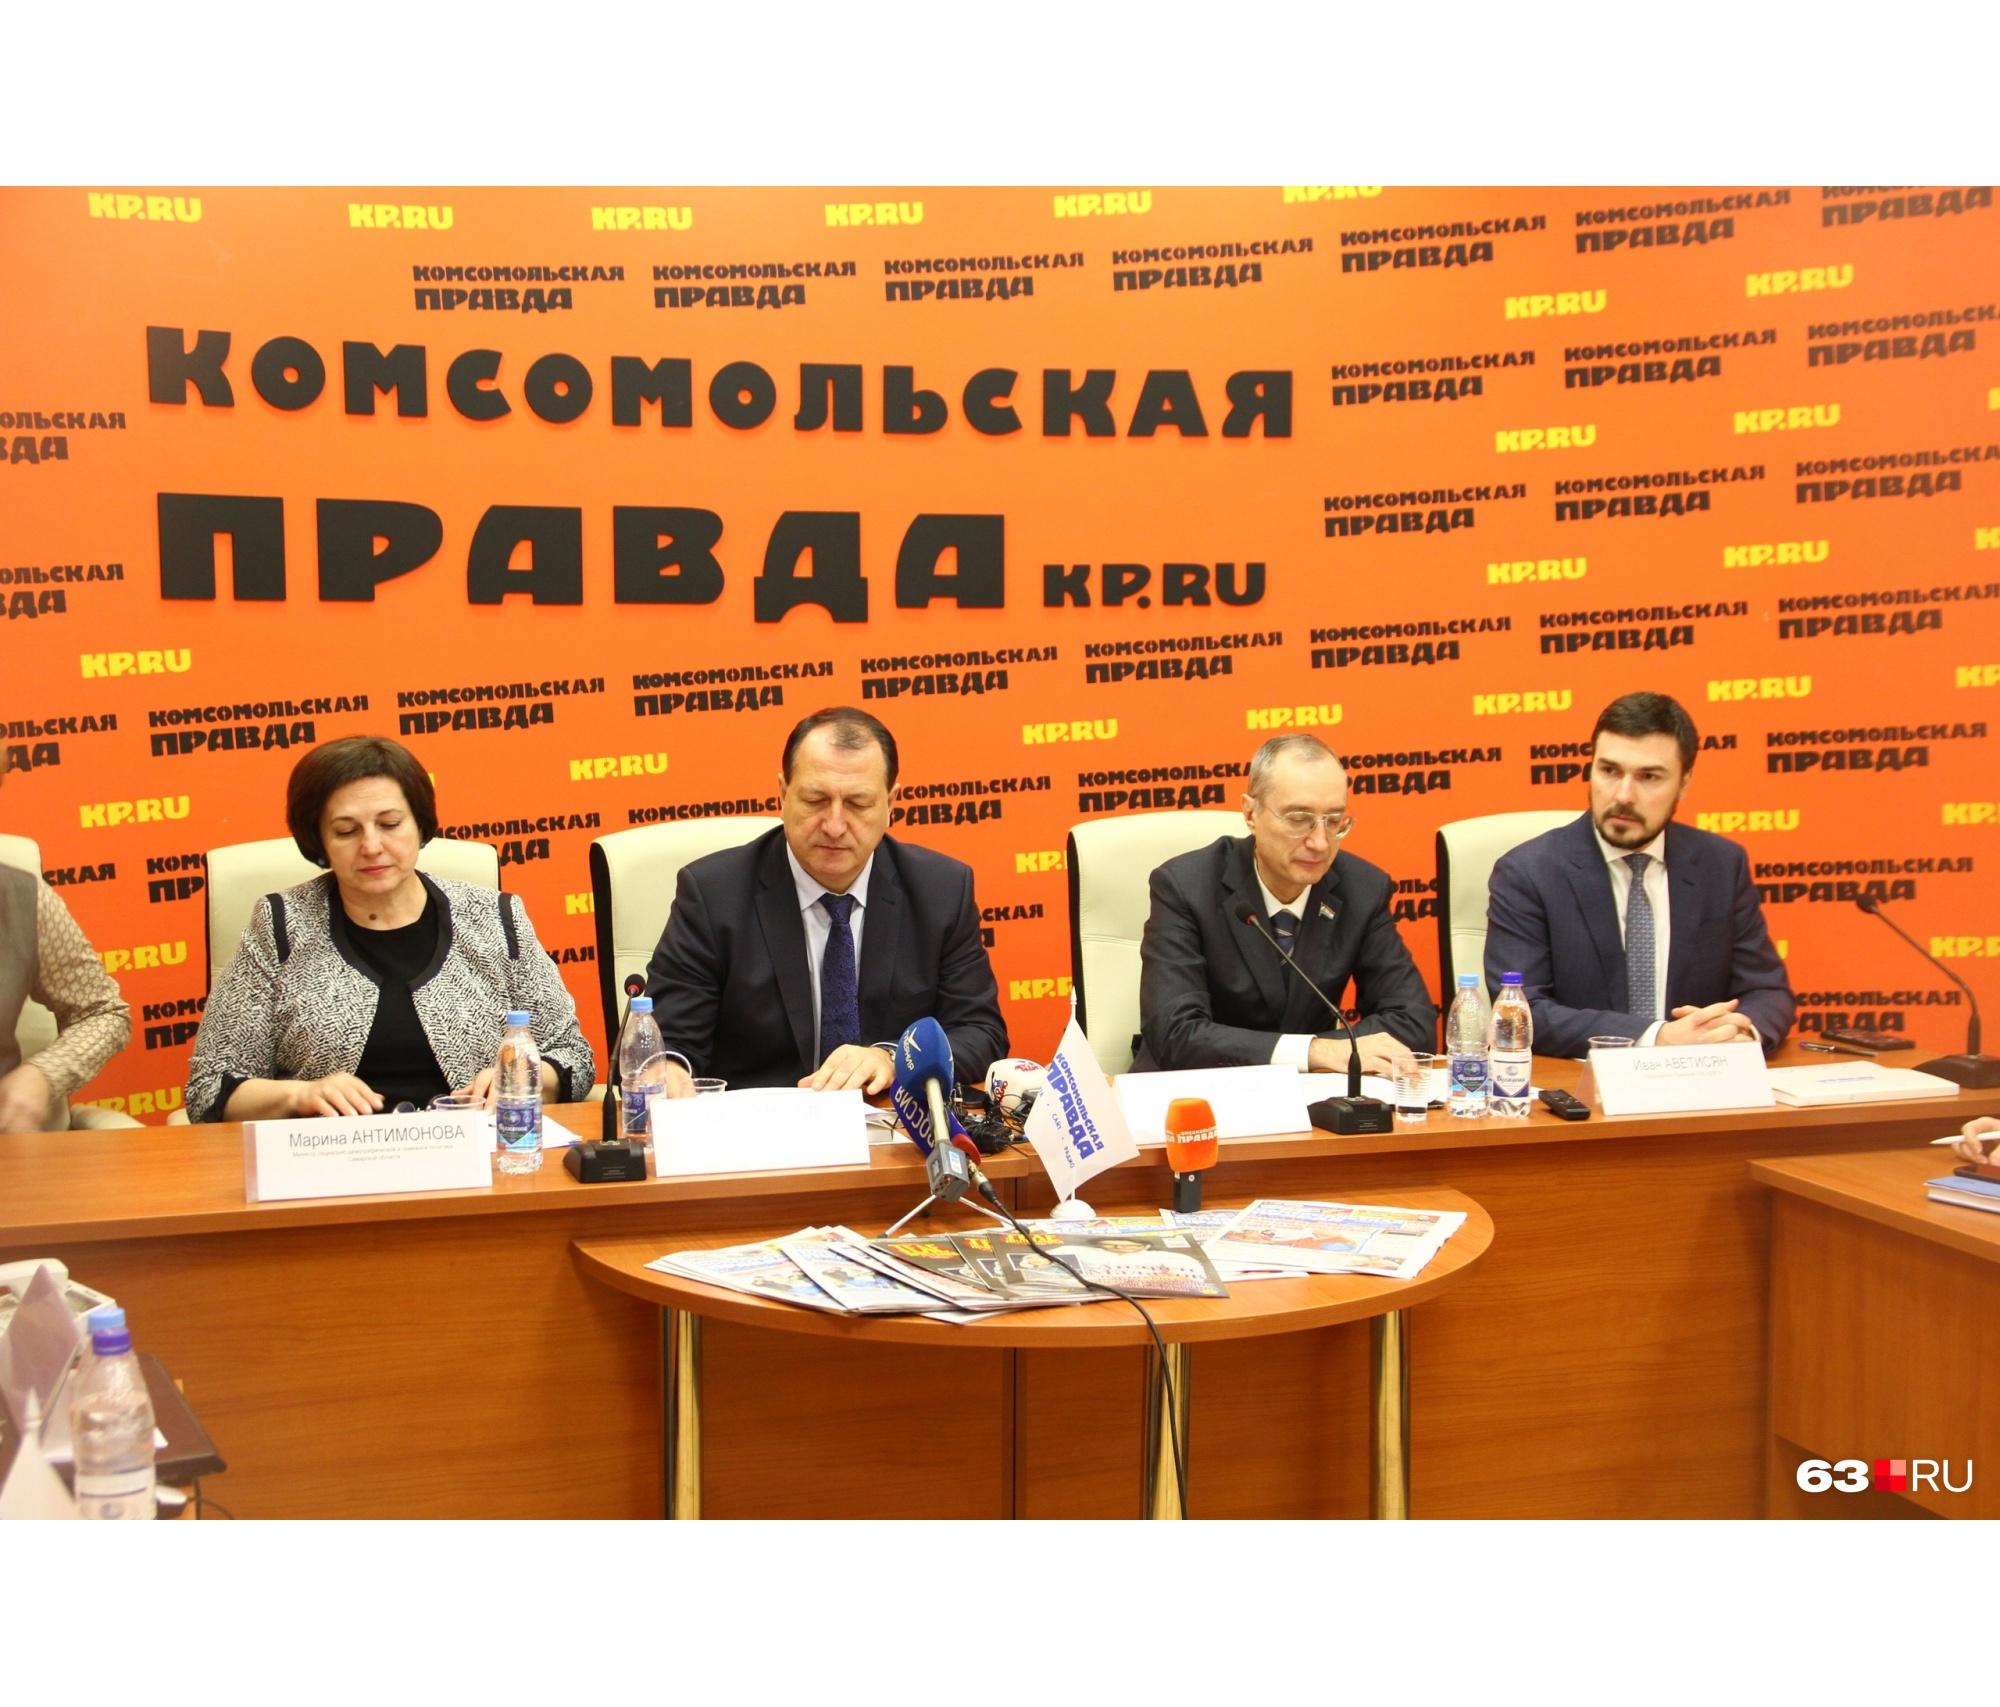 Слева направо: Марина Антимонова, Сергей Марков, Андрей Кислов, Иван Аветисян